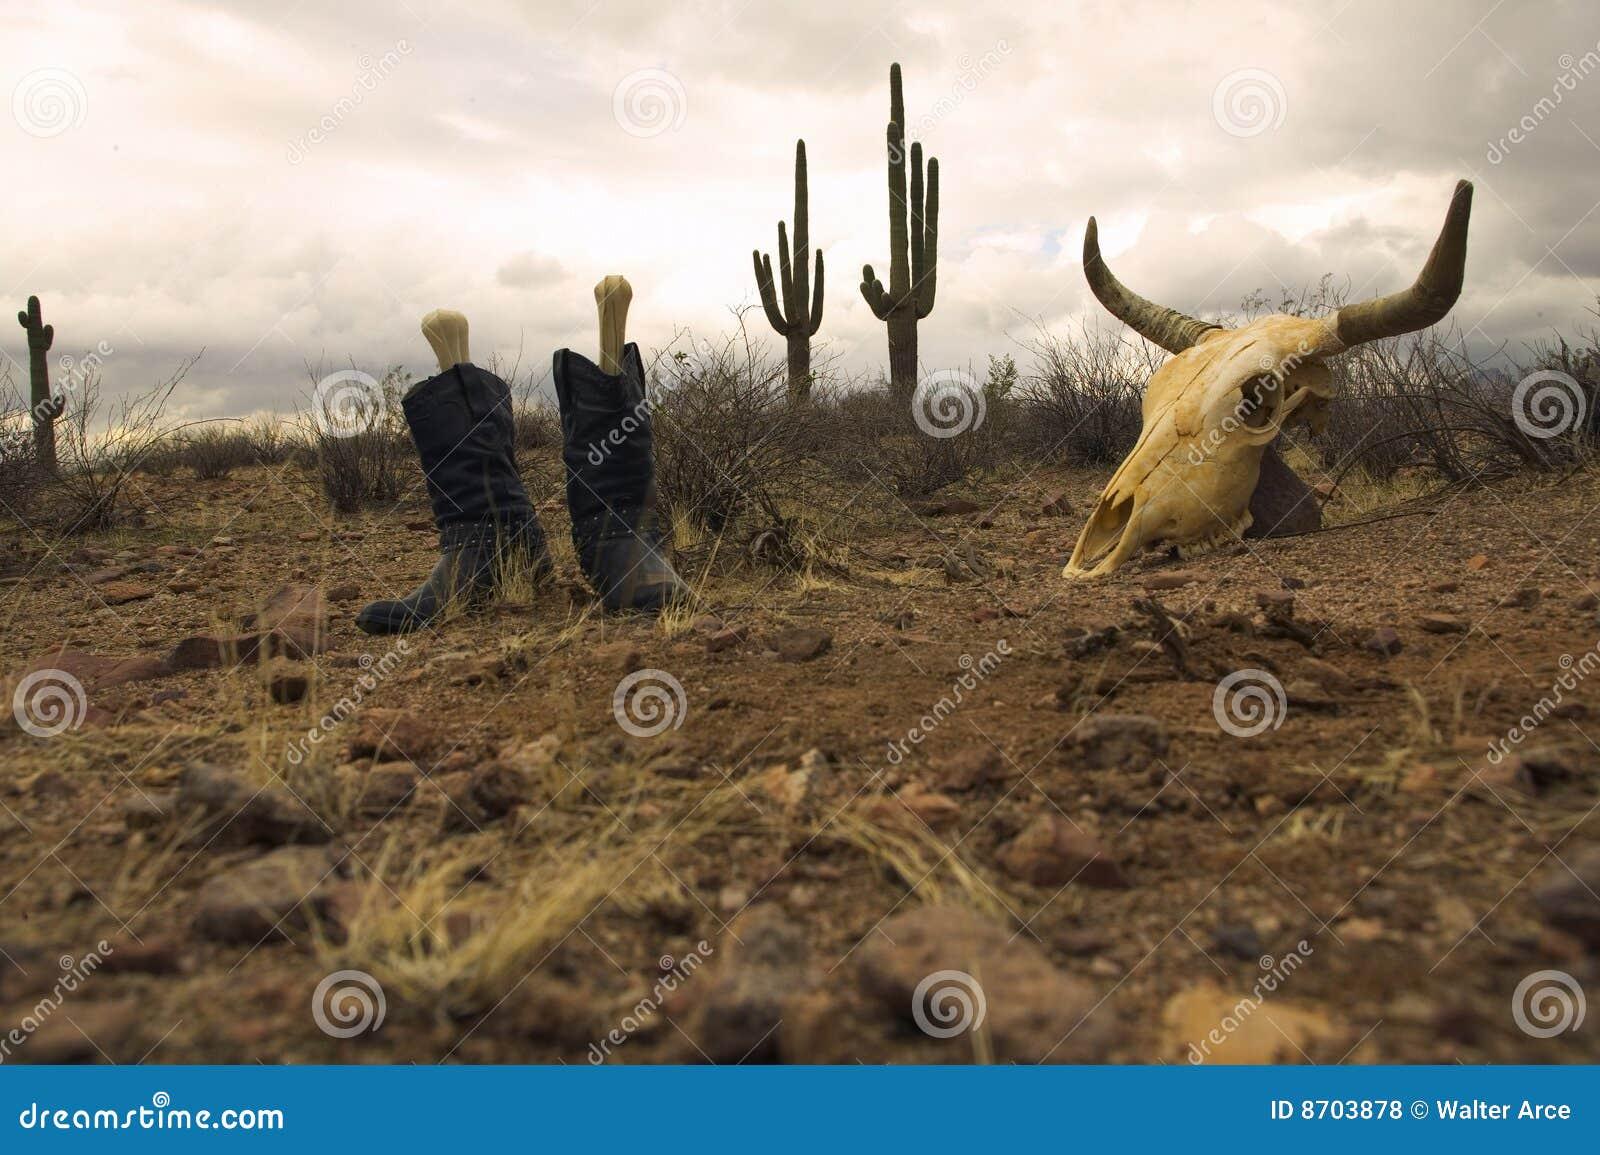 Desert Boots and Skull